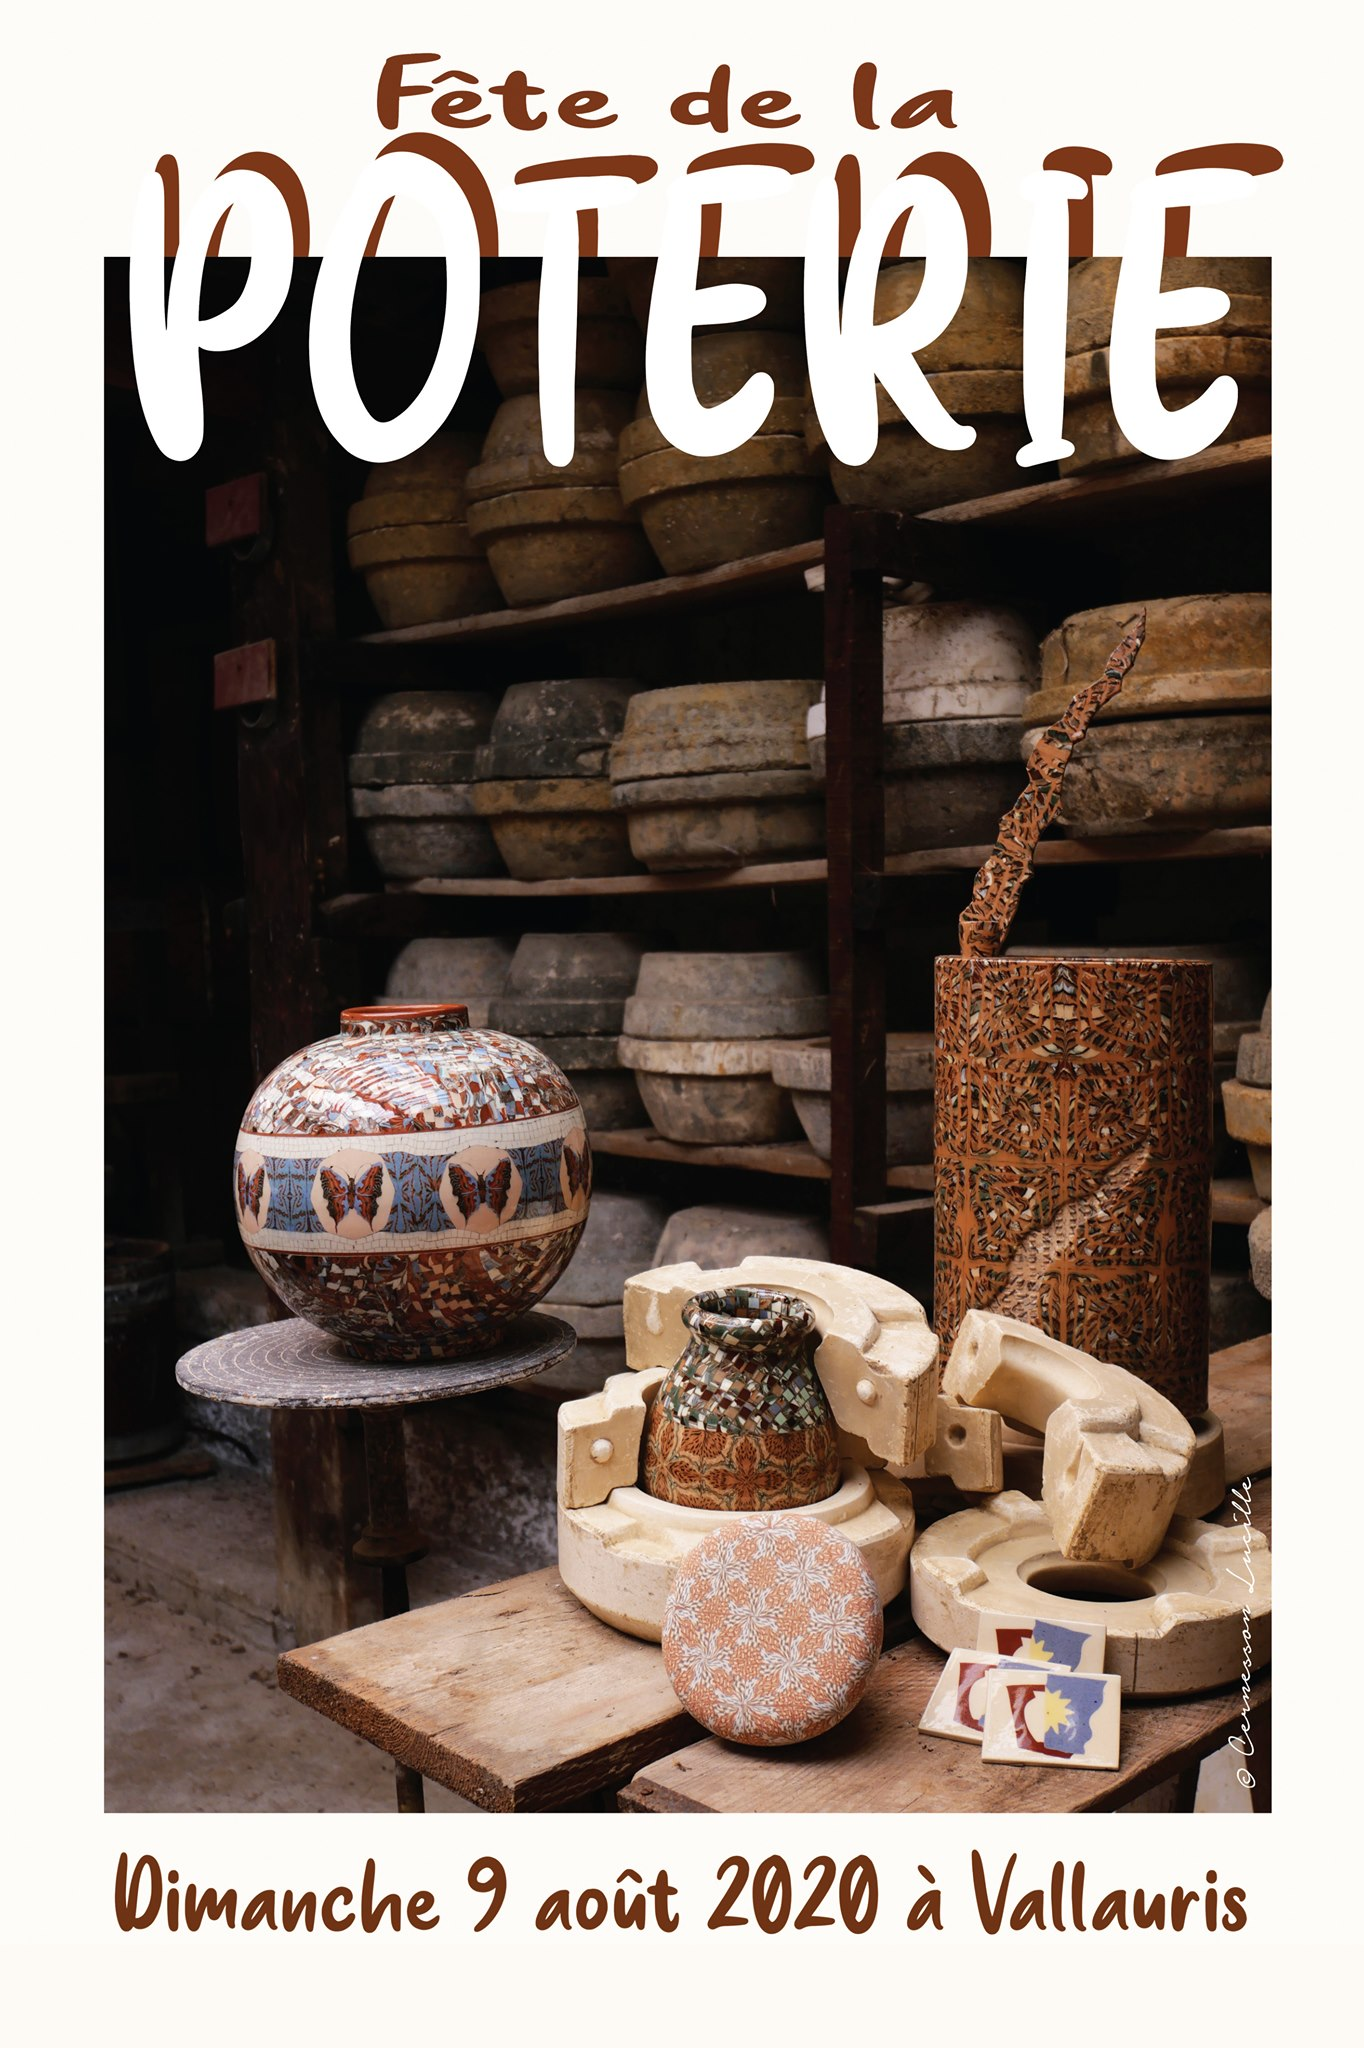 aff fete de la poterie 2020 gerbi.jpg